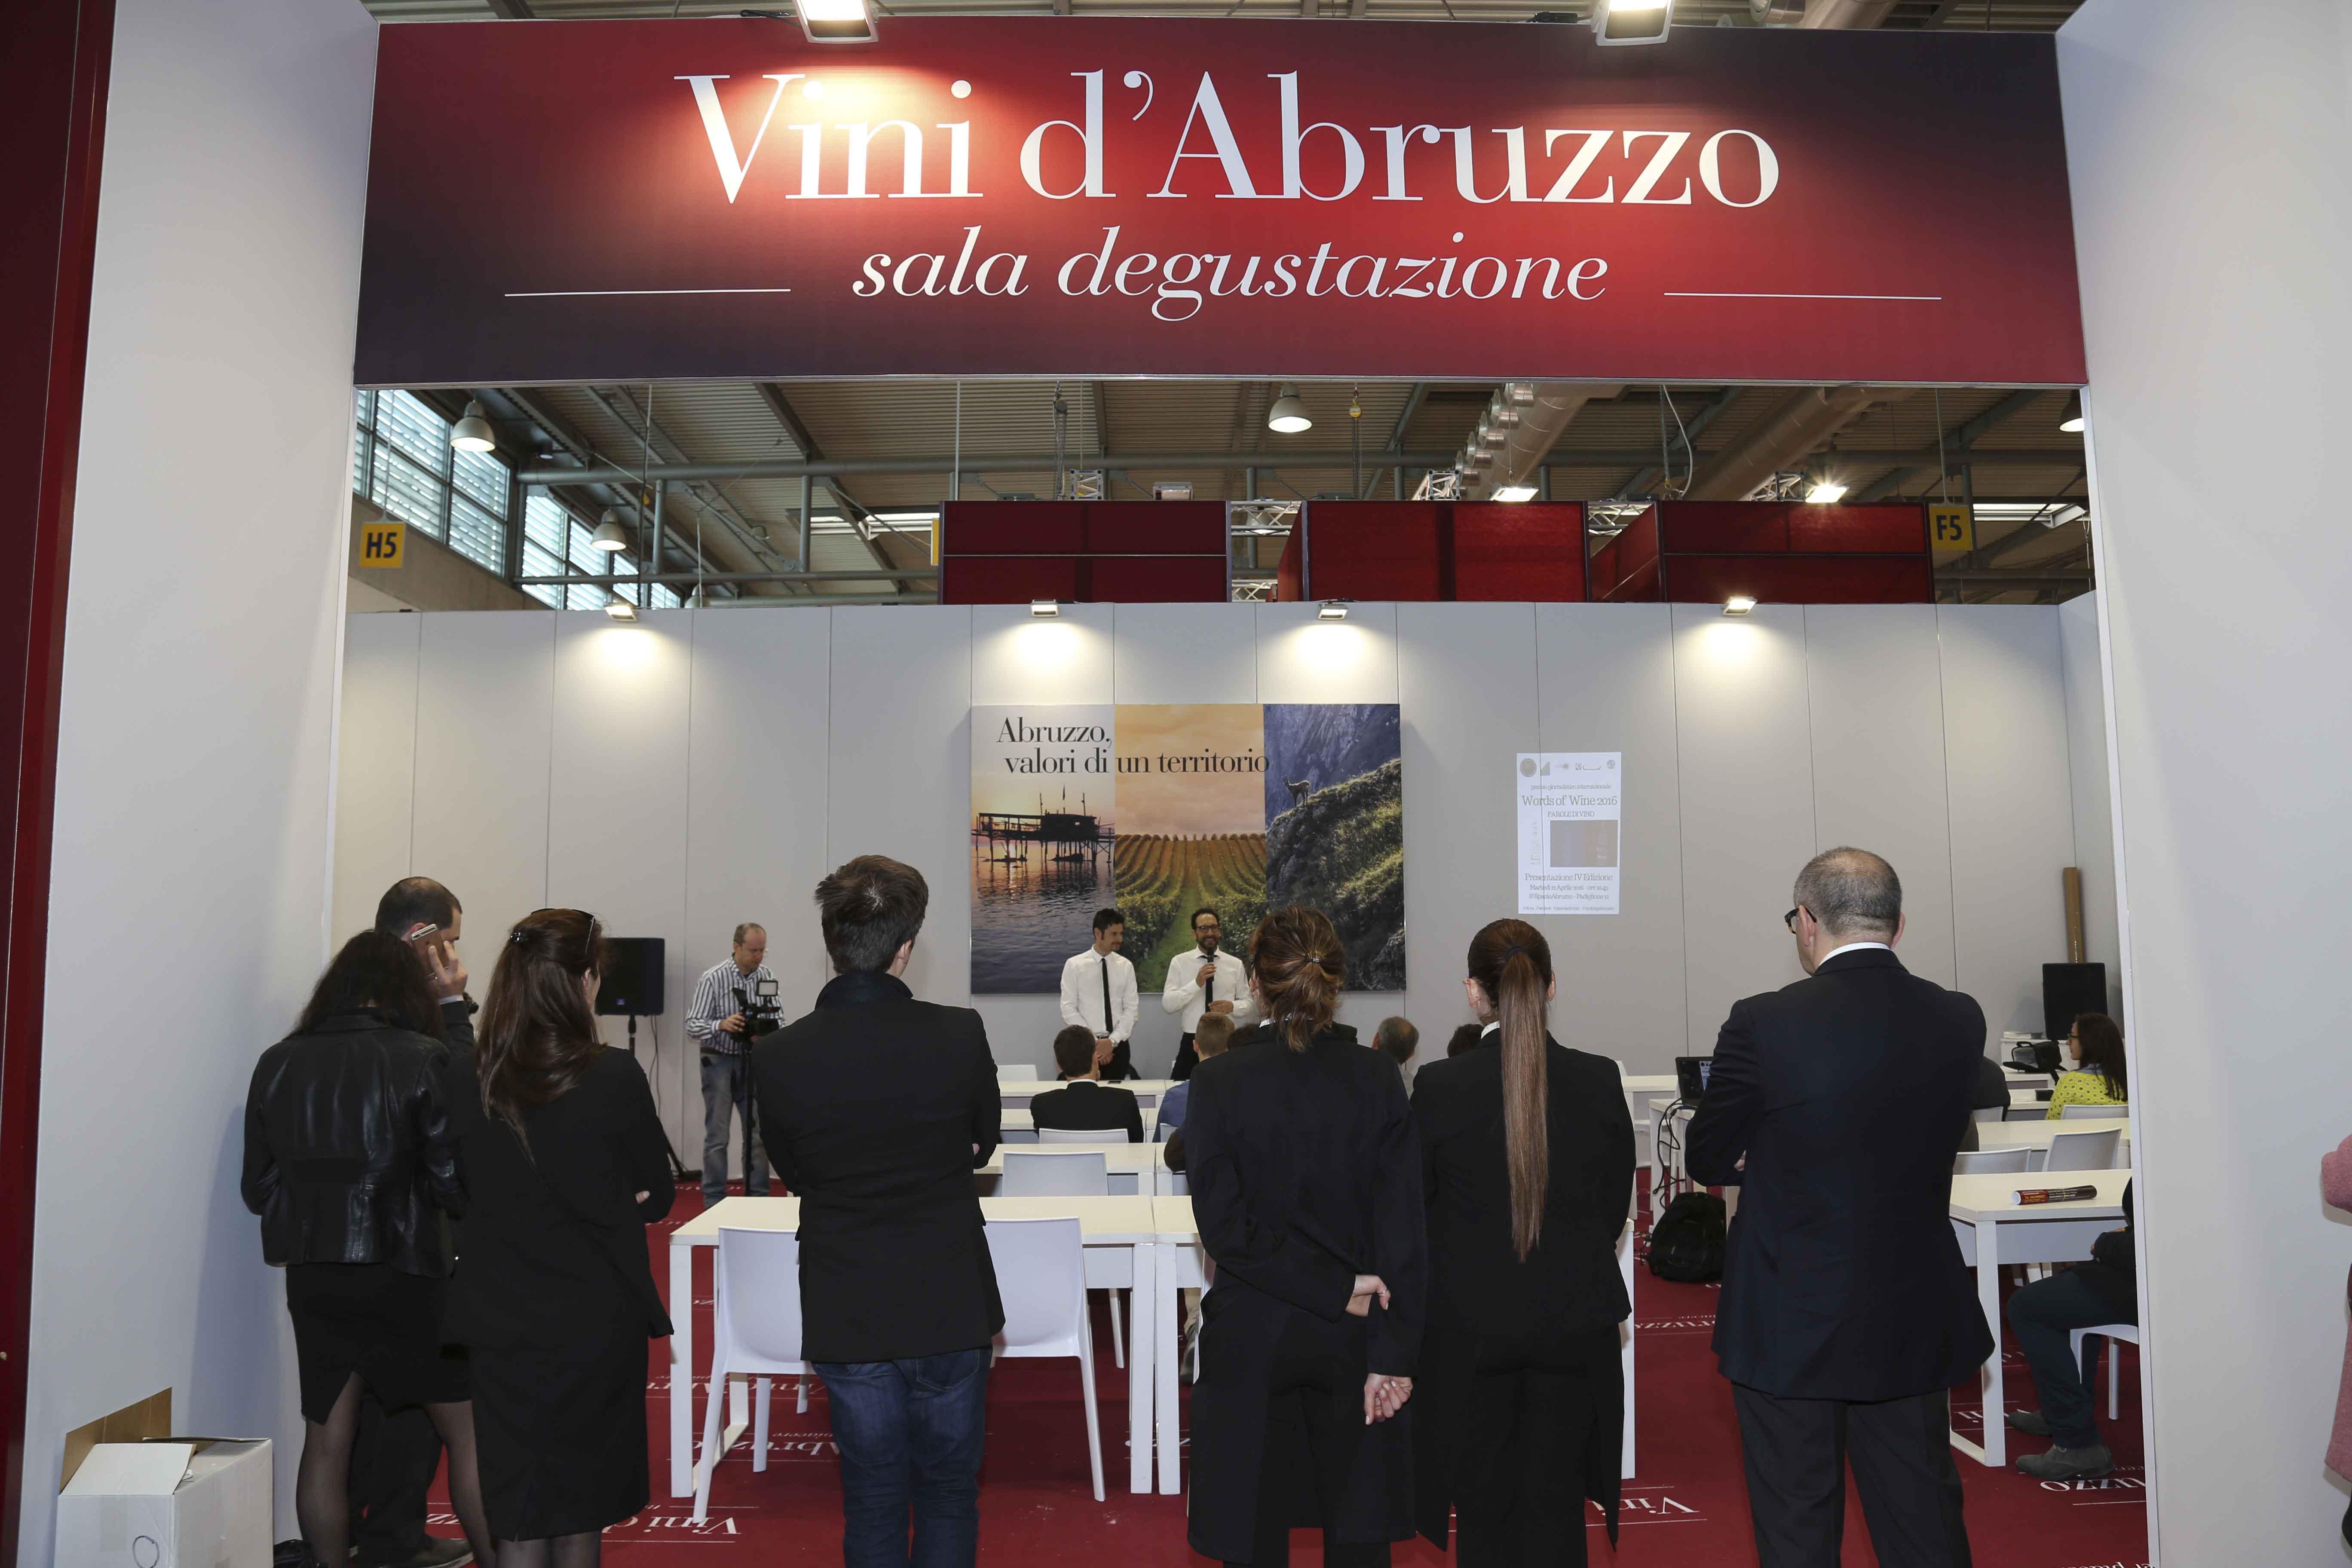 L'Abruzzo al Vinitaly: produzione in crescita